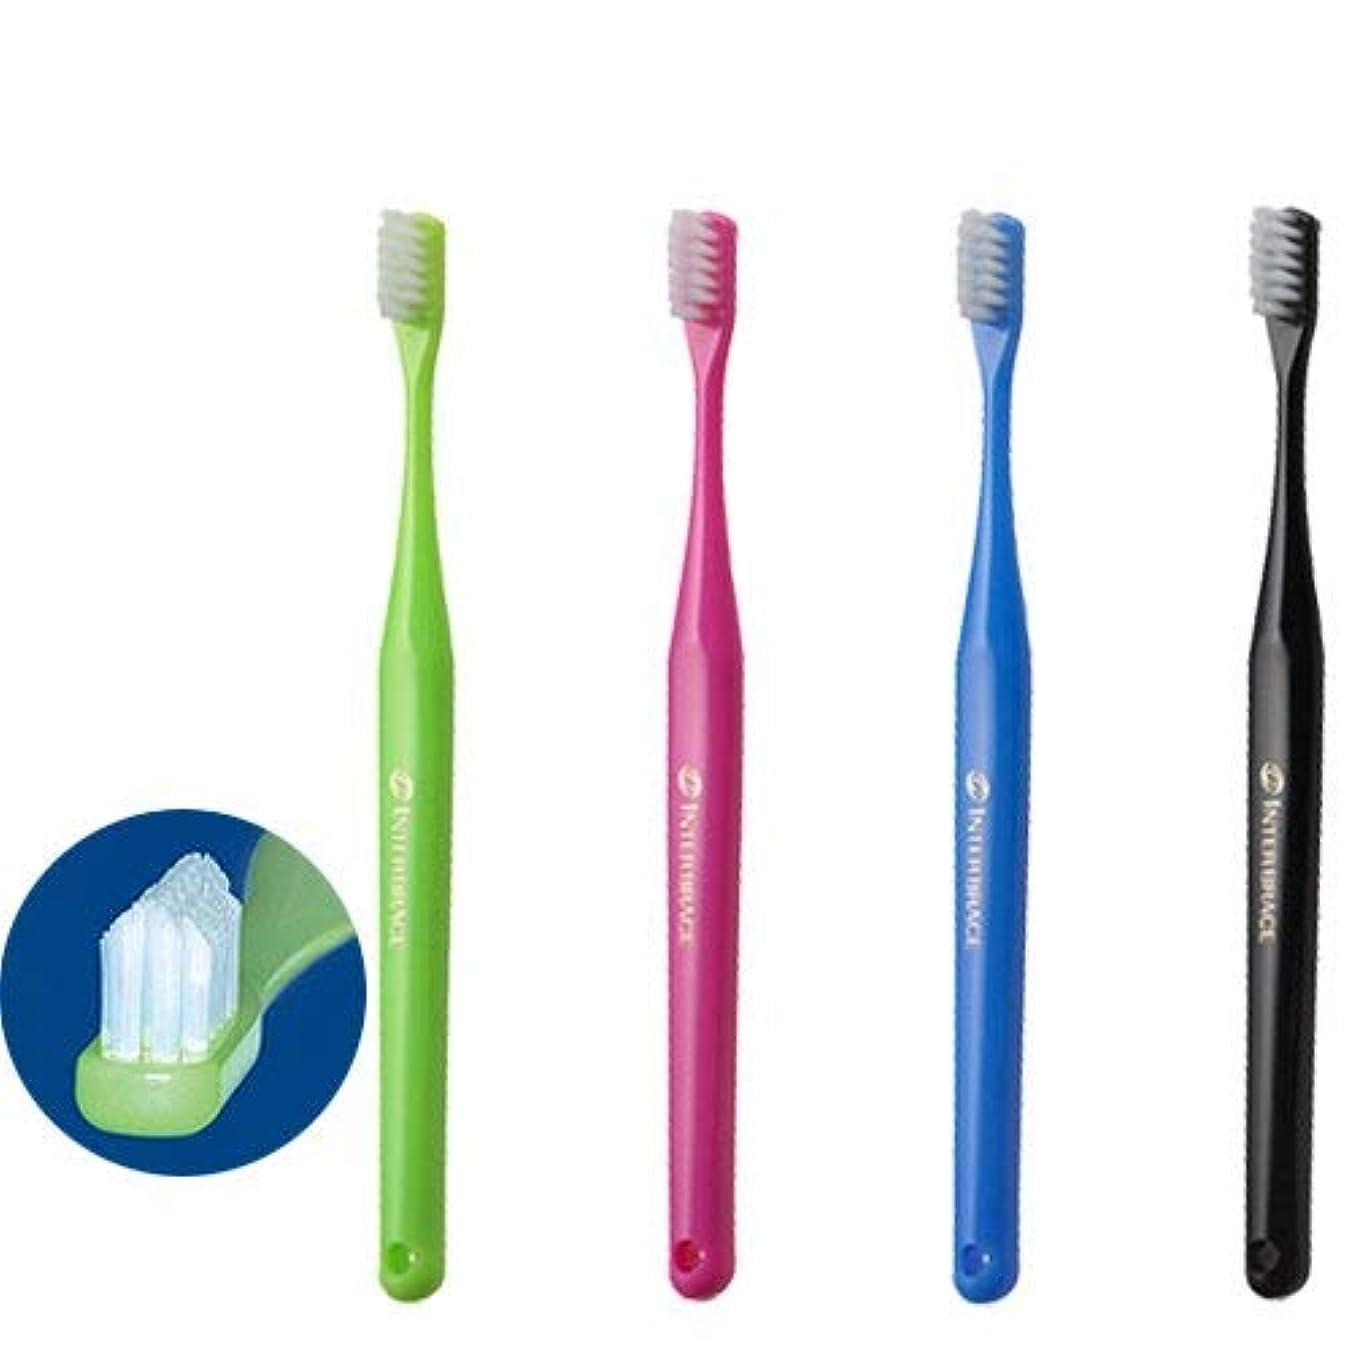 累積ダイアクリティカルチャンピオンインターブレイス (INTER BRACE) ×8本 矯正用歯ブラシ 歯科医院取扱品